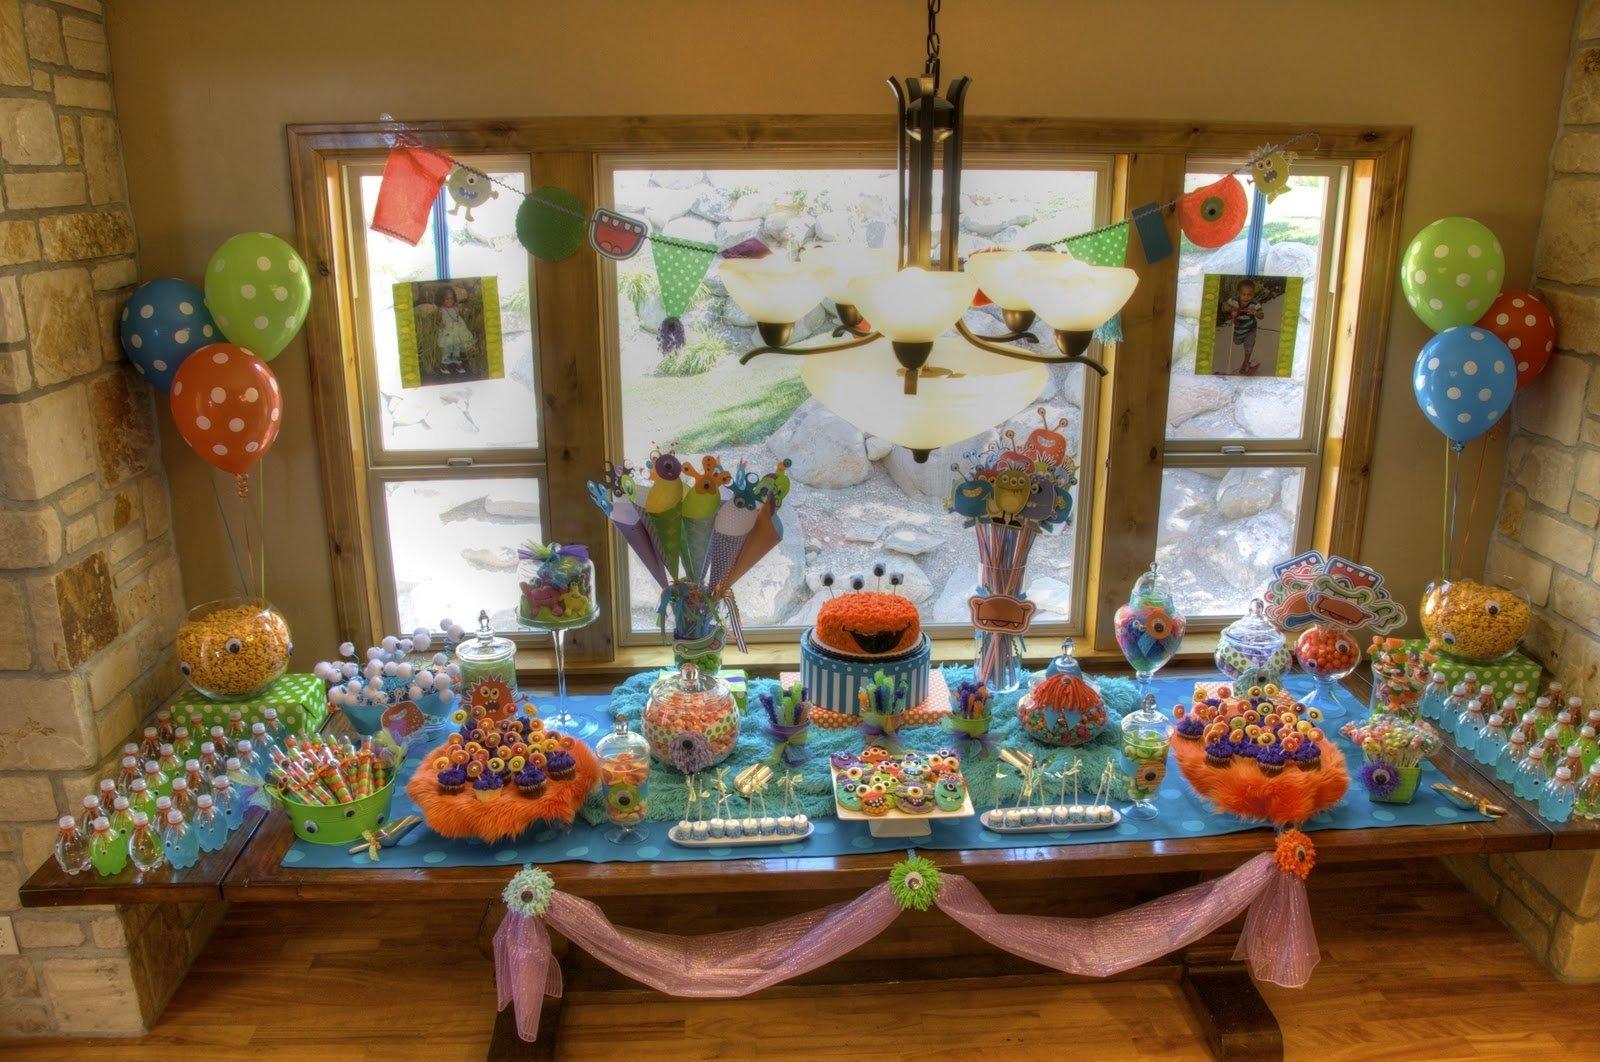 10 Nice Birthday Ideas For 4 Year Old Boy cute year birthday party ideas entertainment ideas for visit 10 2020